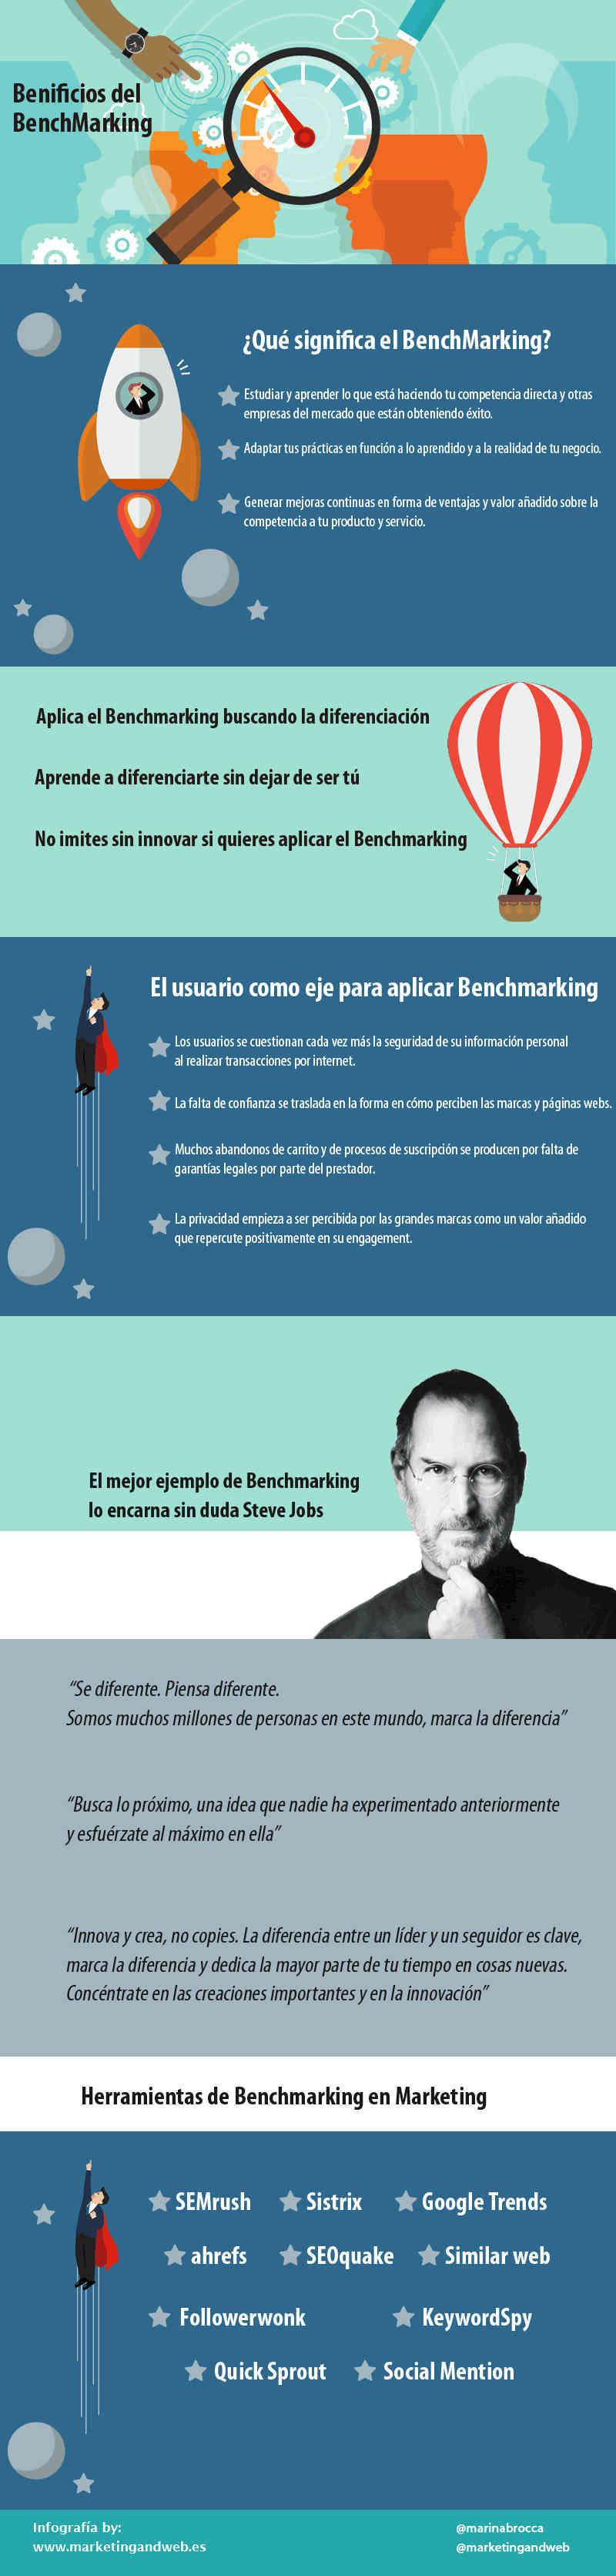 claves y herramientas Benchmarking